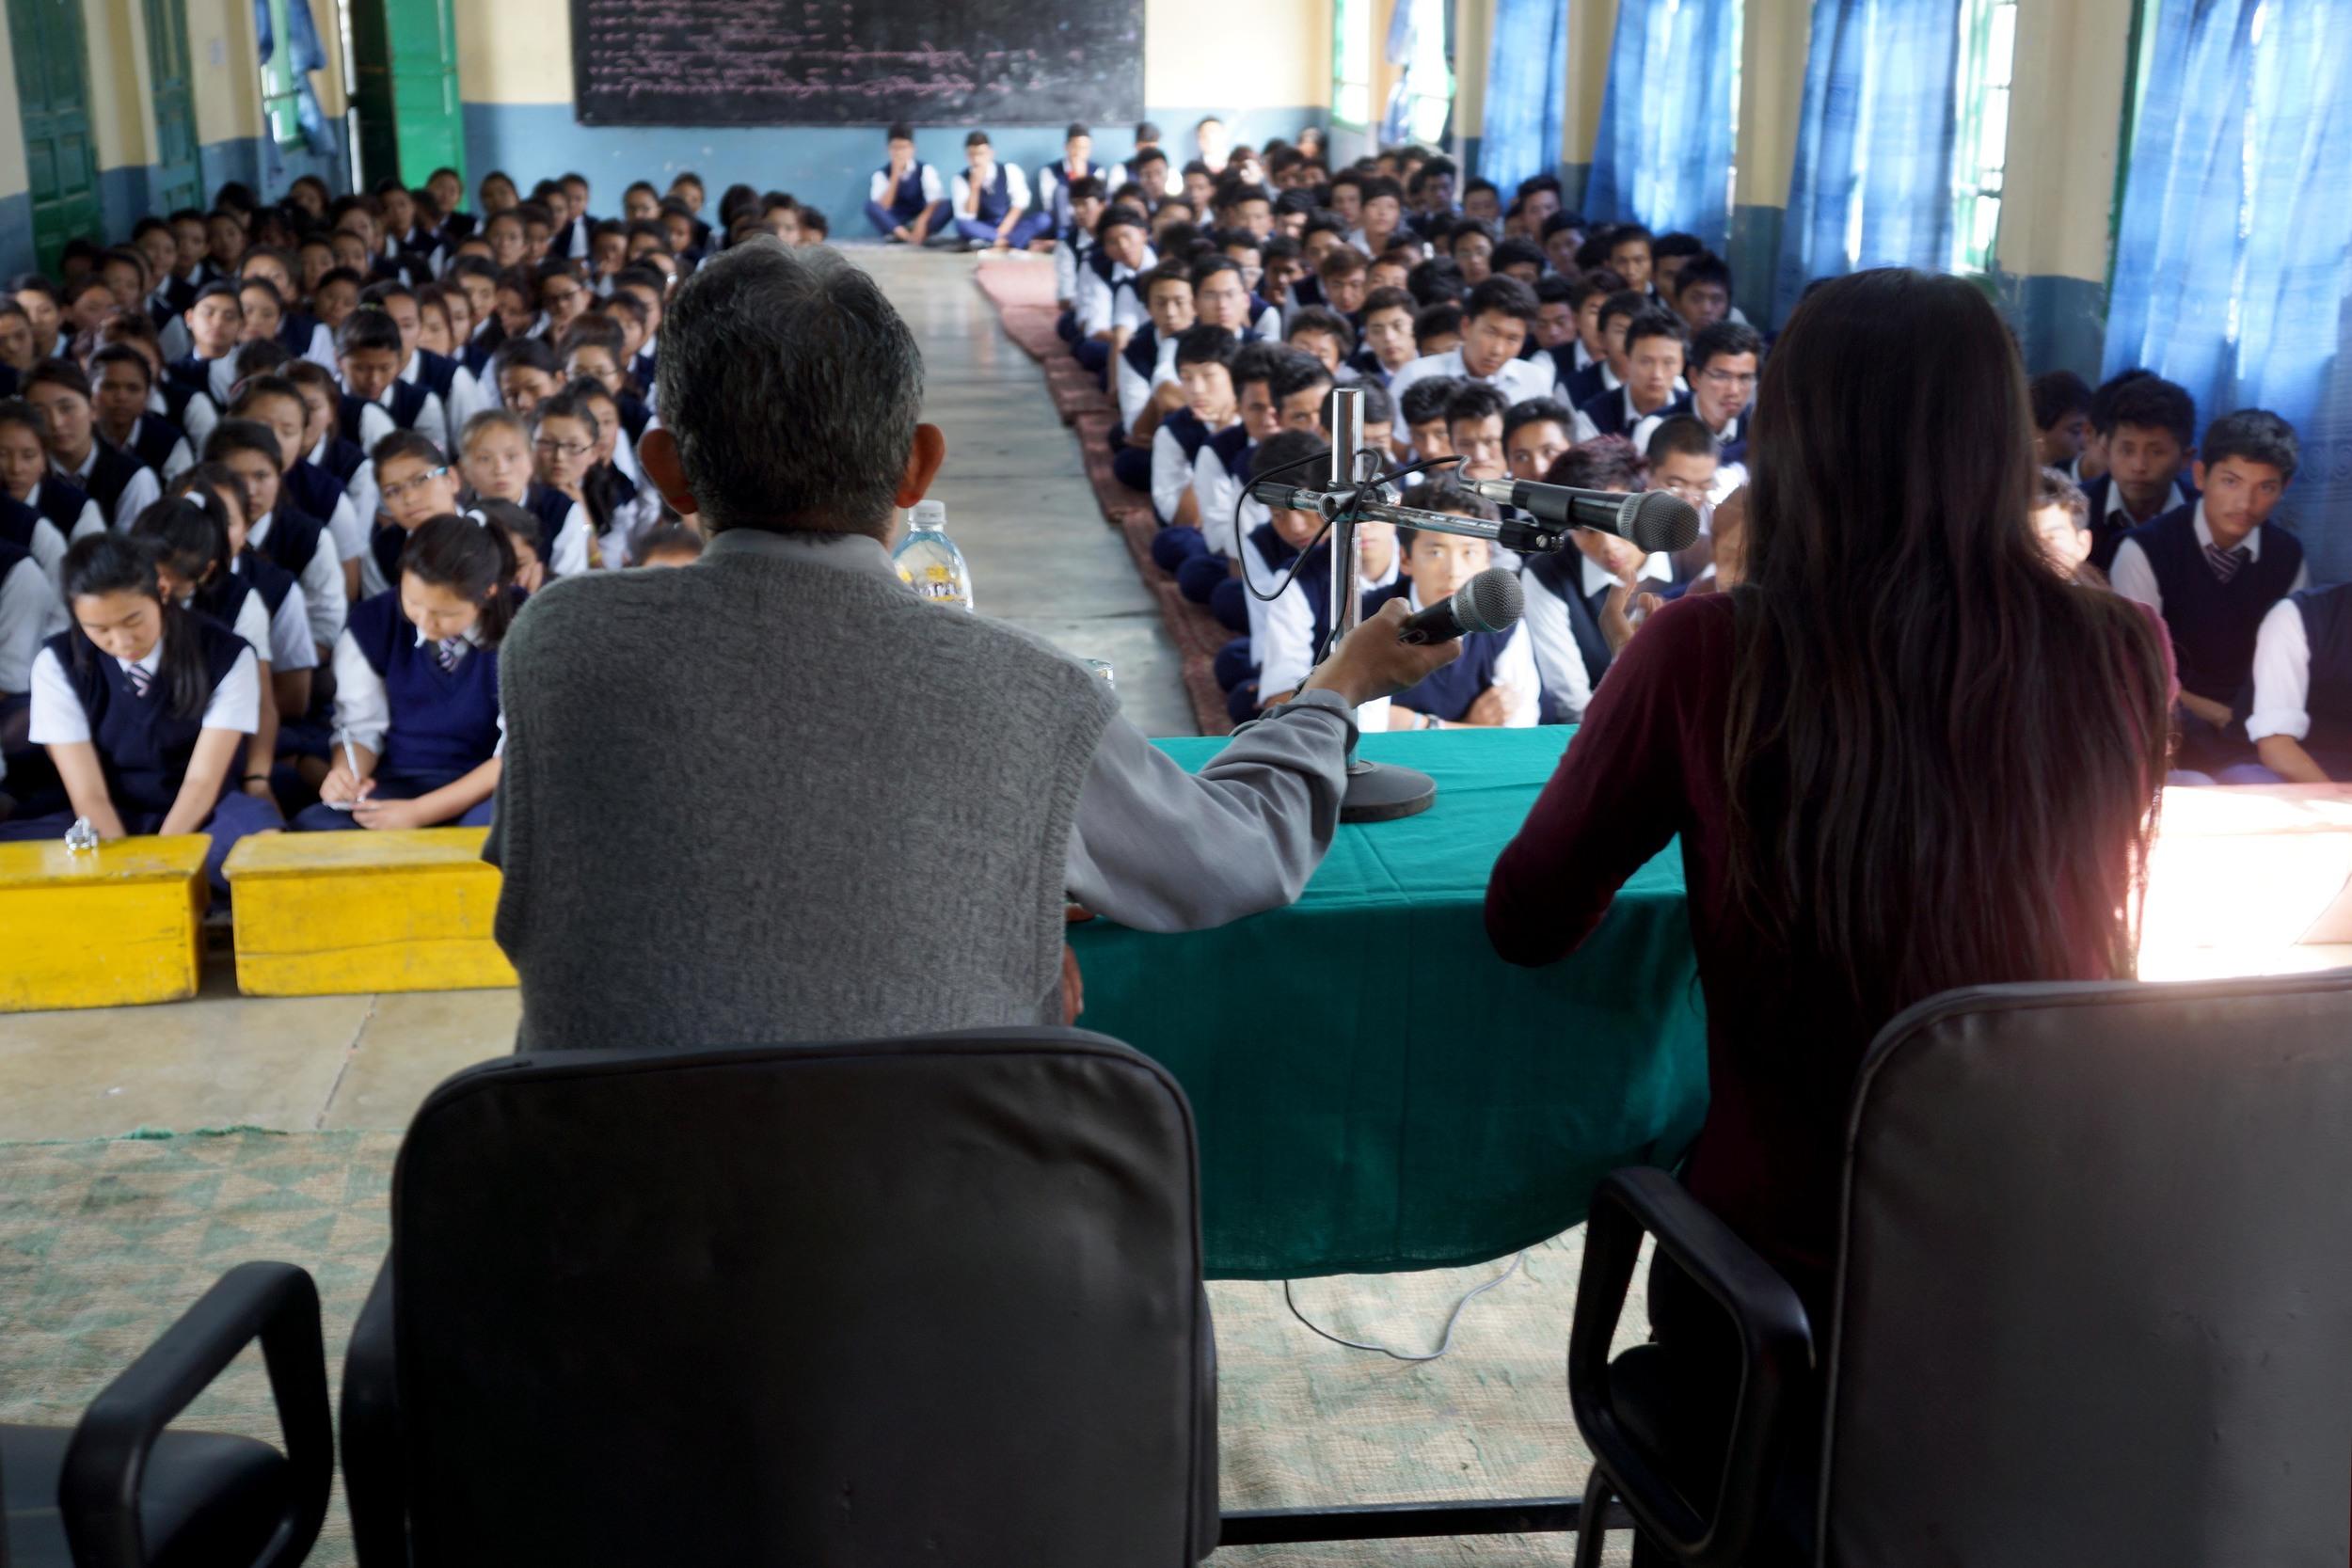 Tibetan students sit in rows as two presenters speak